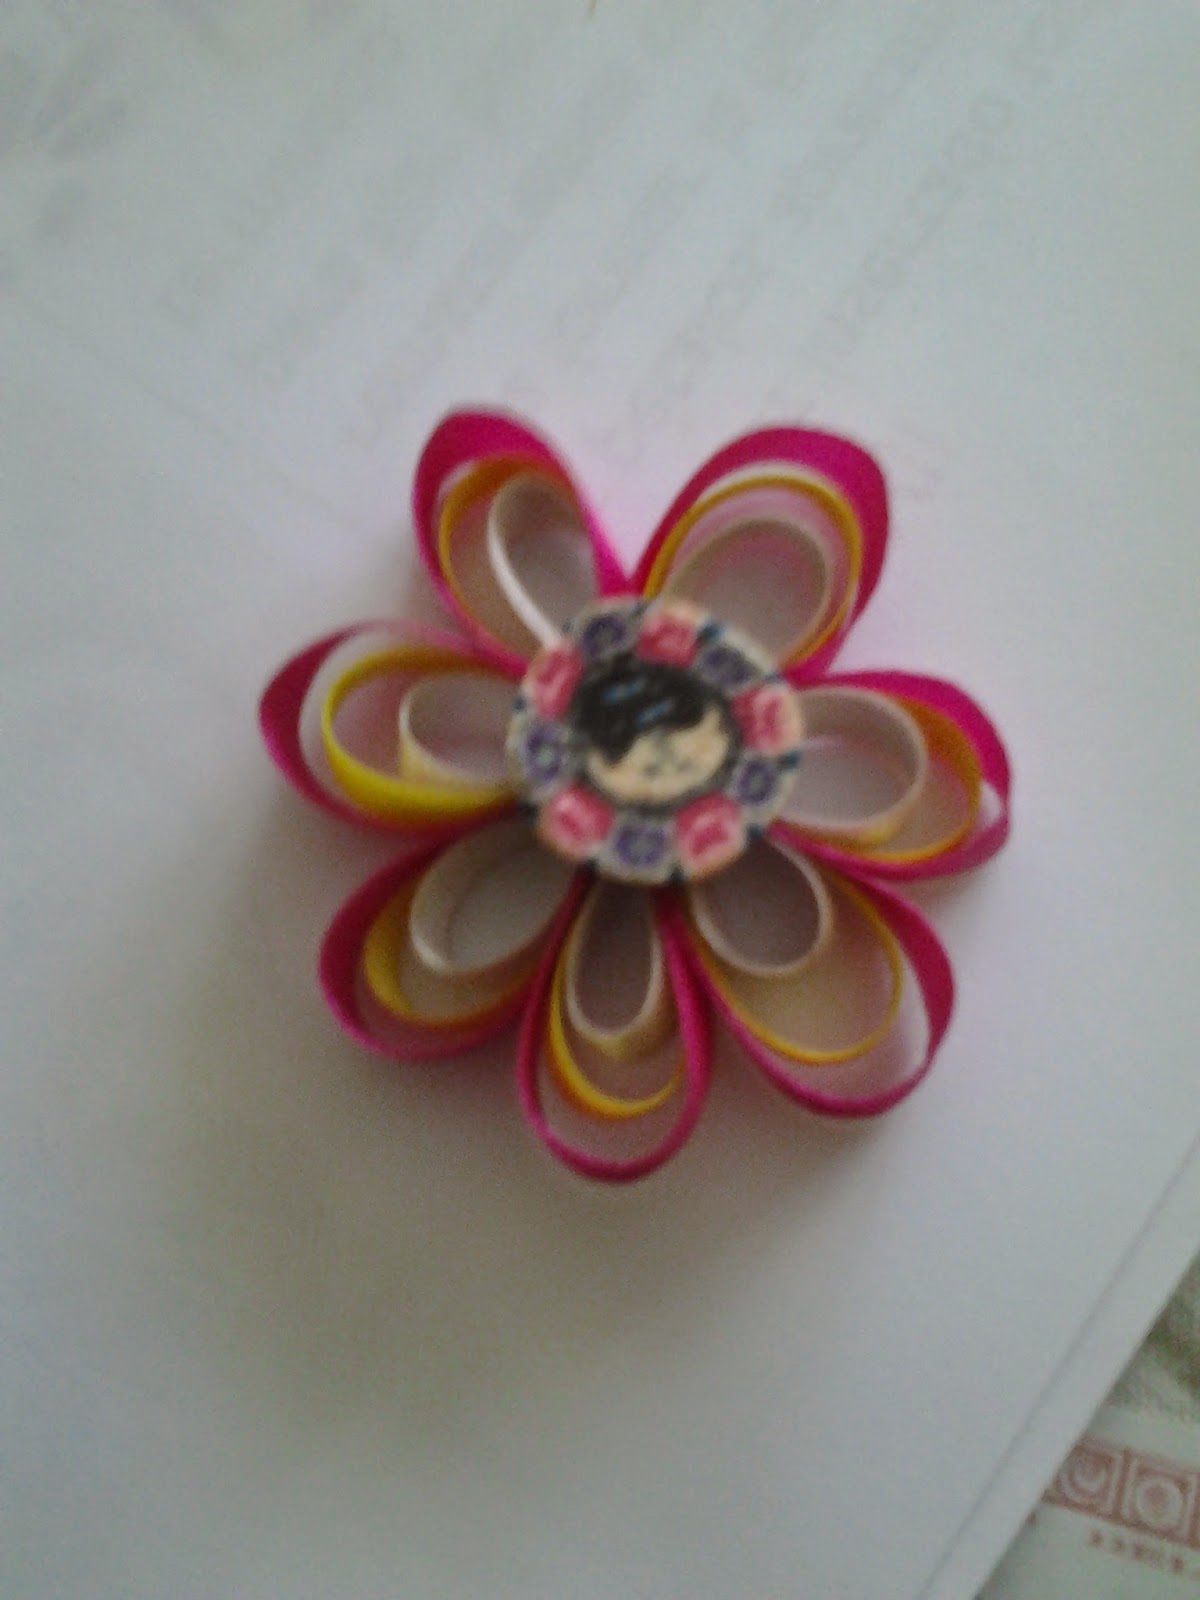 Imagenes De Flores Para Adornos - Descargar paquete de imágenes gift de flores NorfiPC